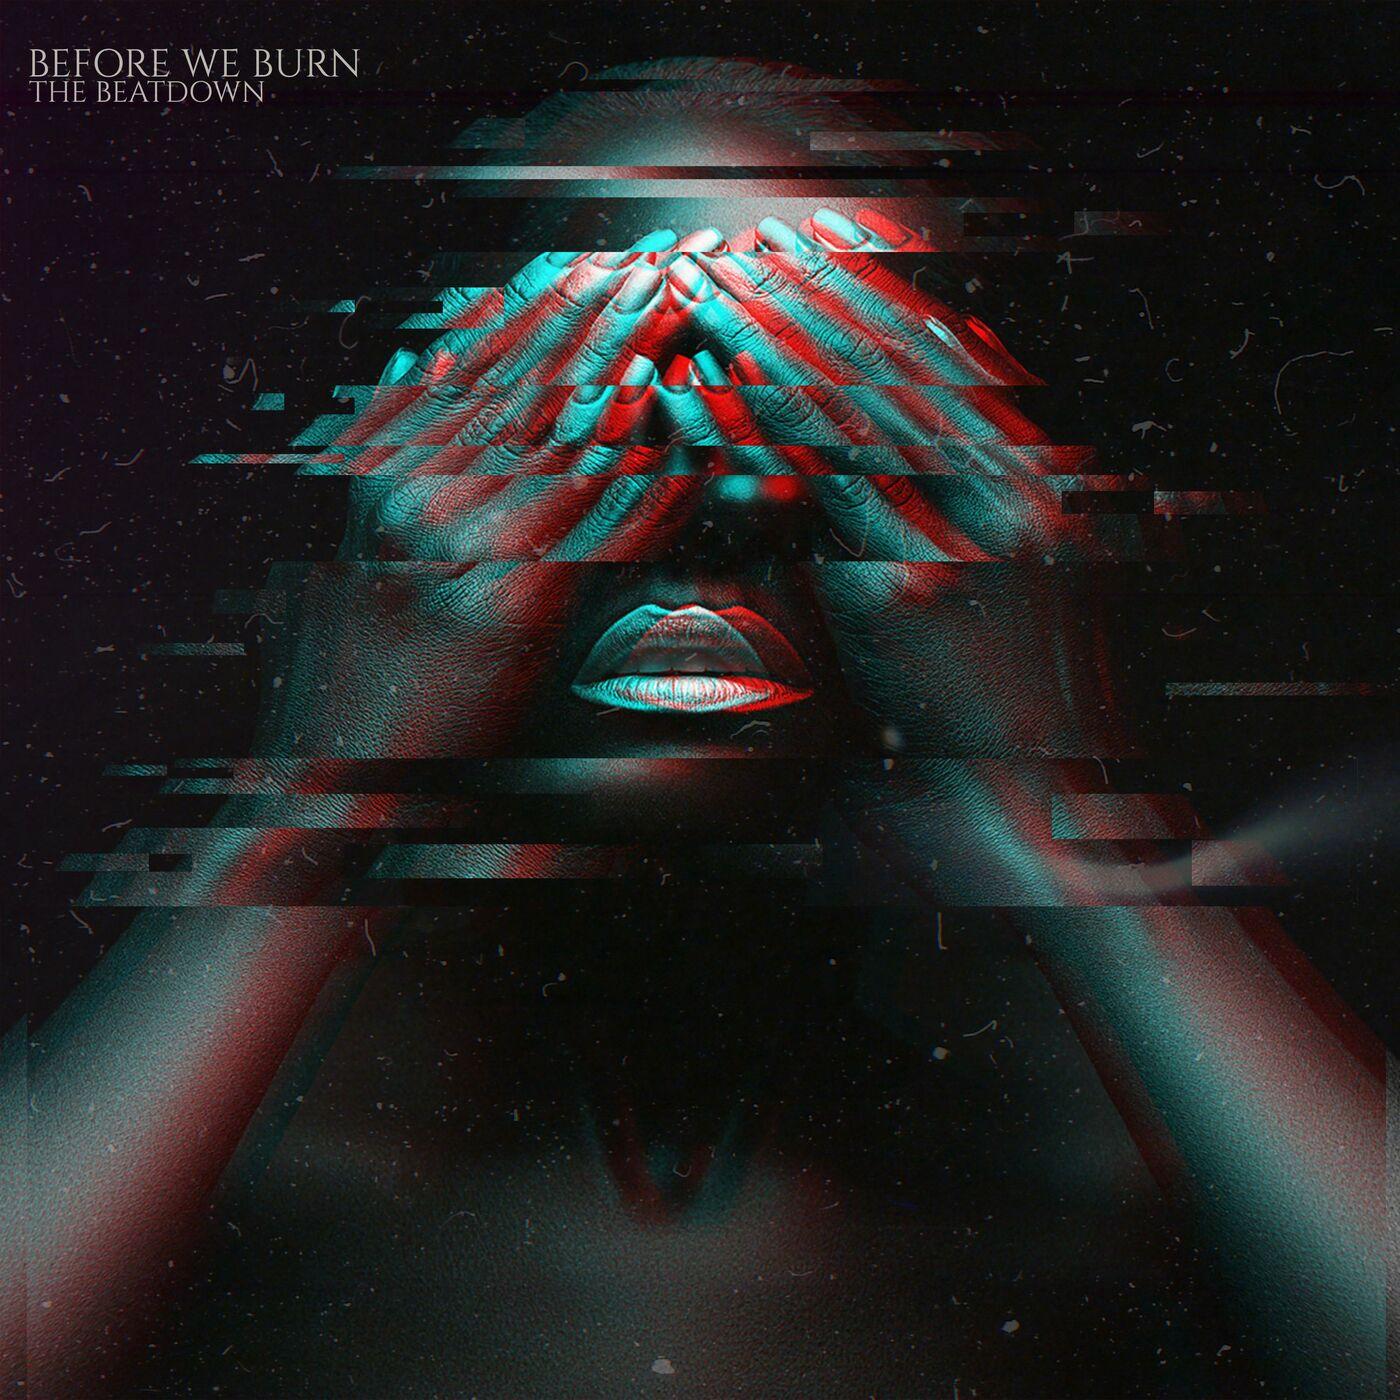 Before We Burn - The Beatdown [single] (2019)